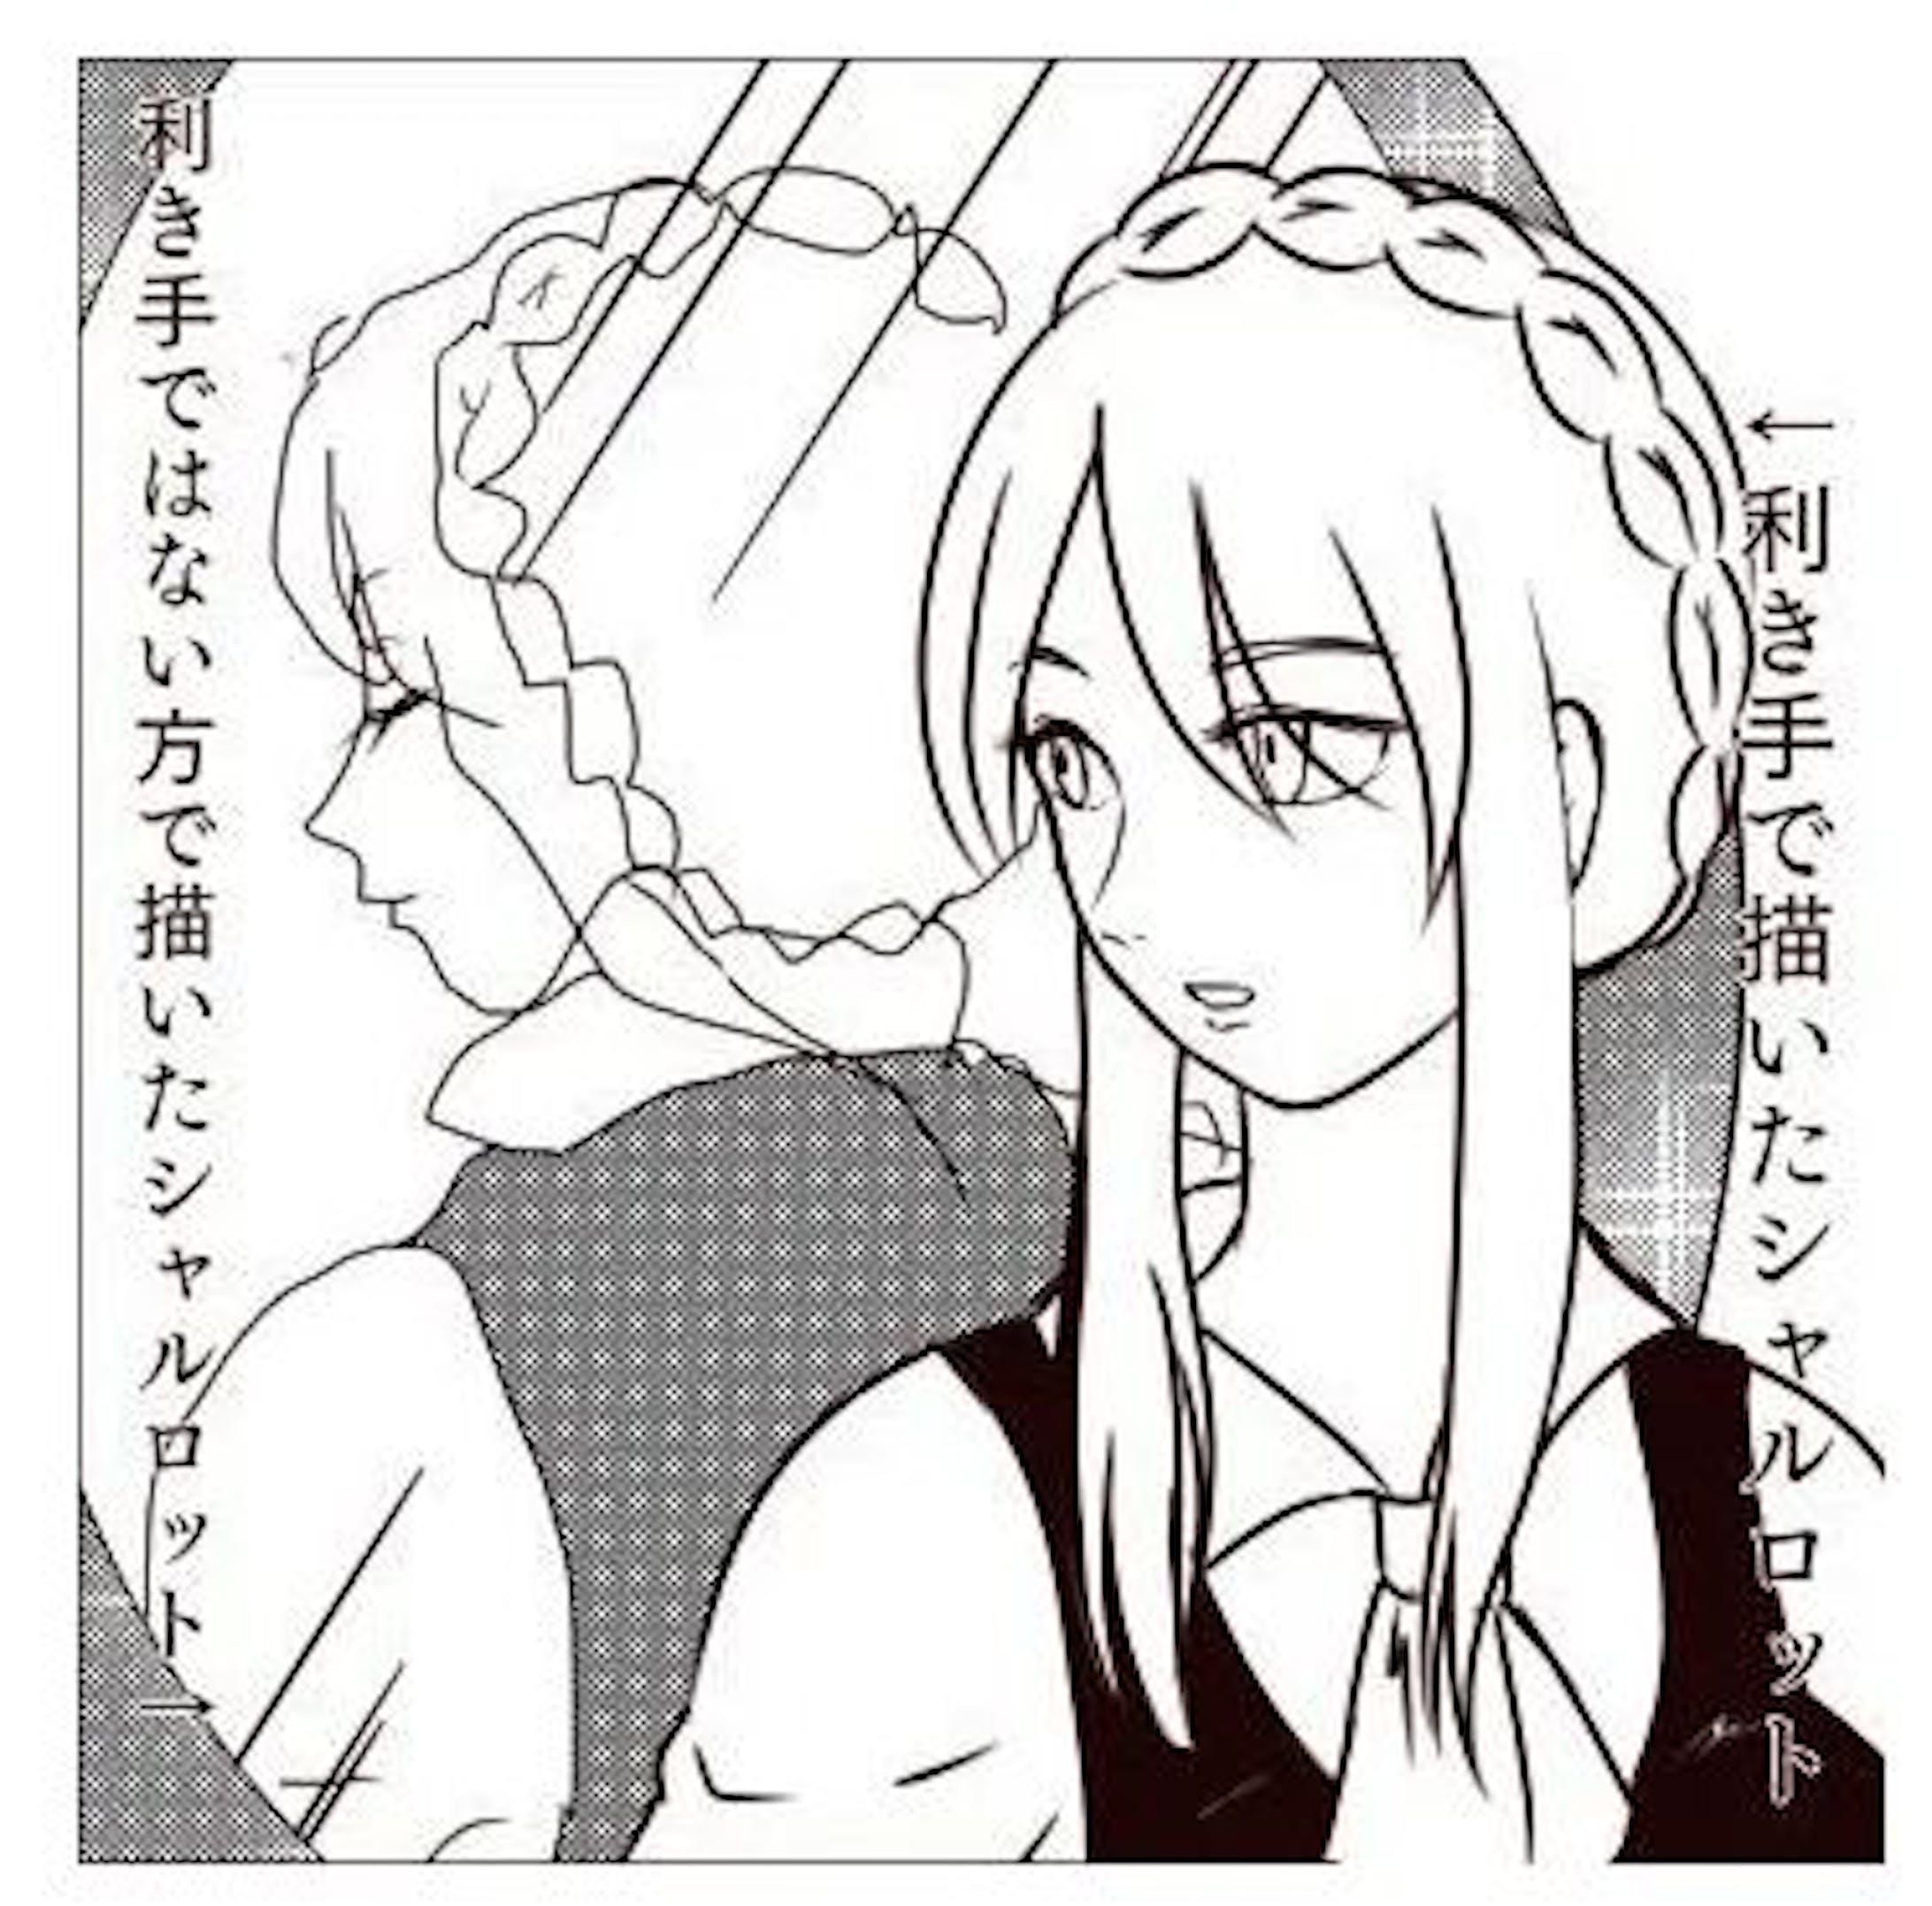 FFBEアート集【二次創作】-15